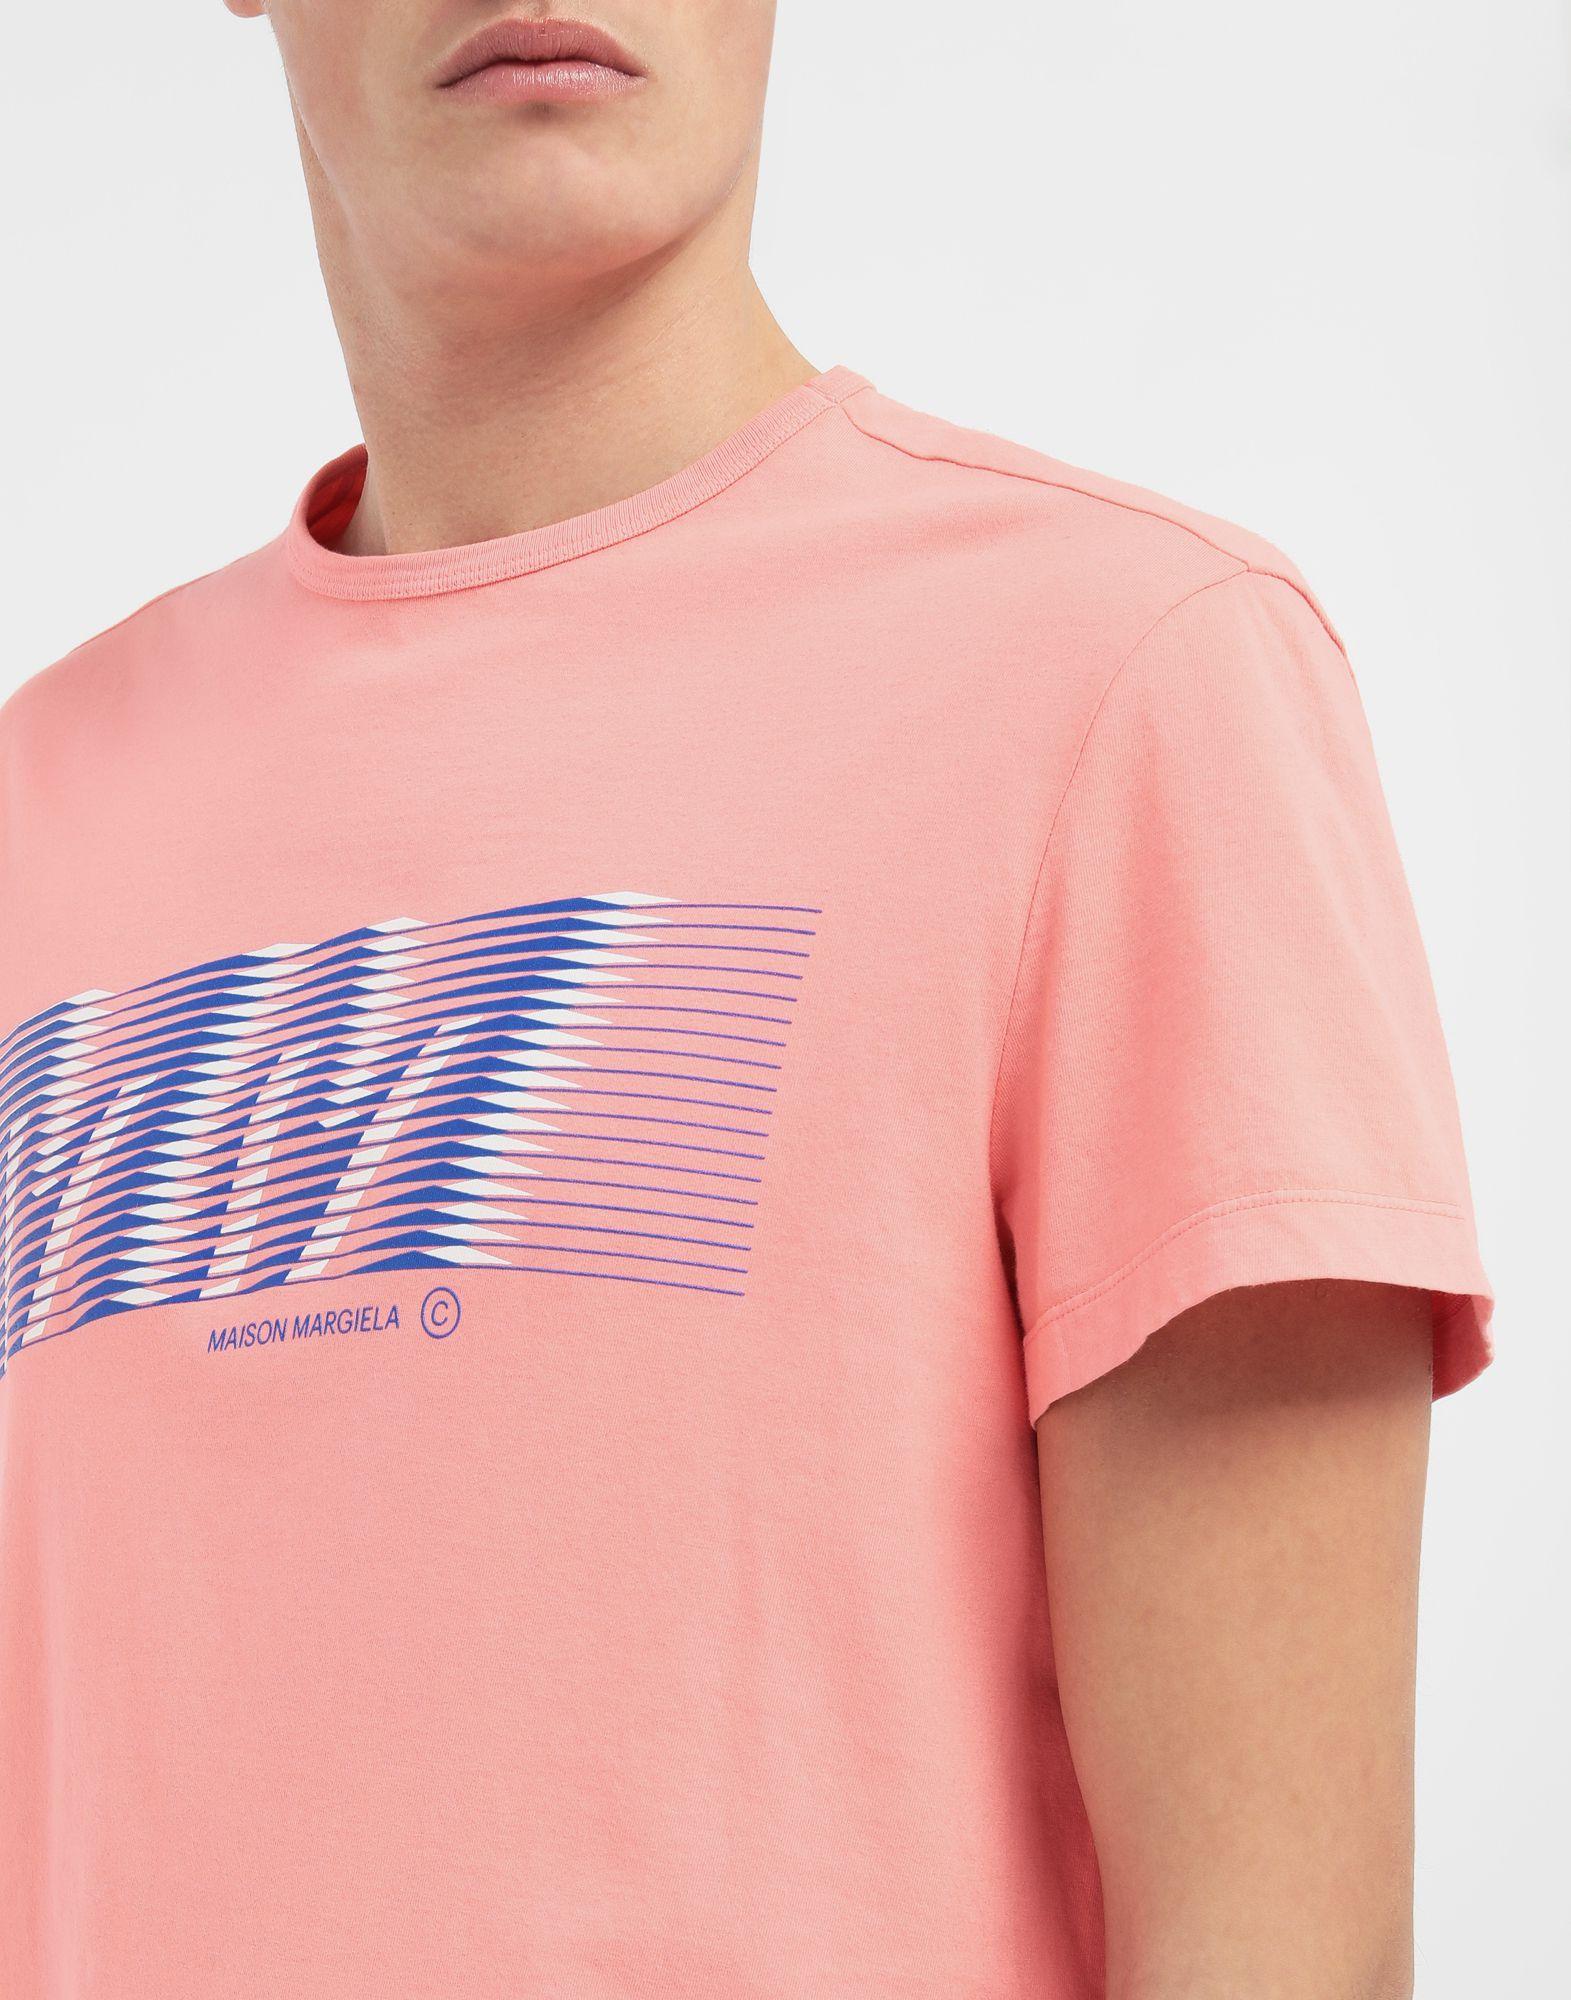 MAISON MARGIELA MM logo print T-shirt Short sleeve t-shirt Man a